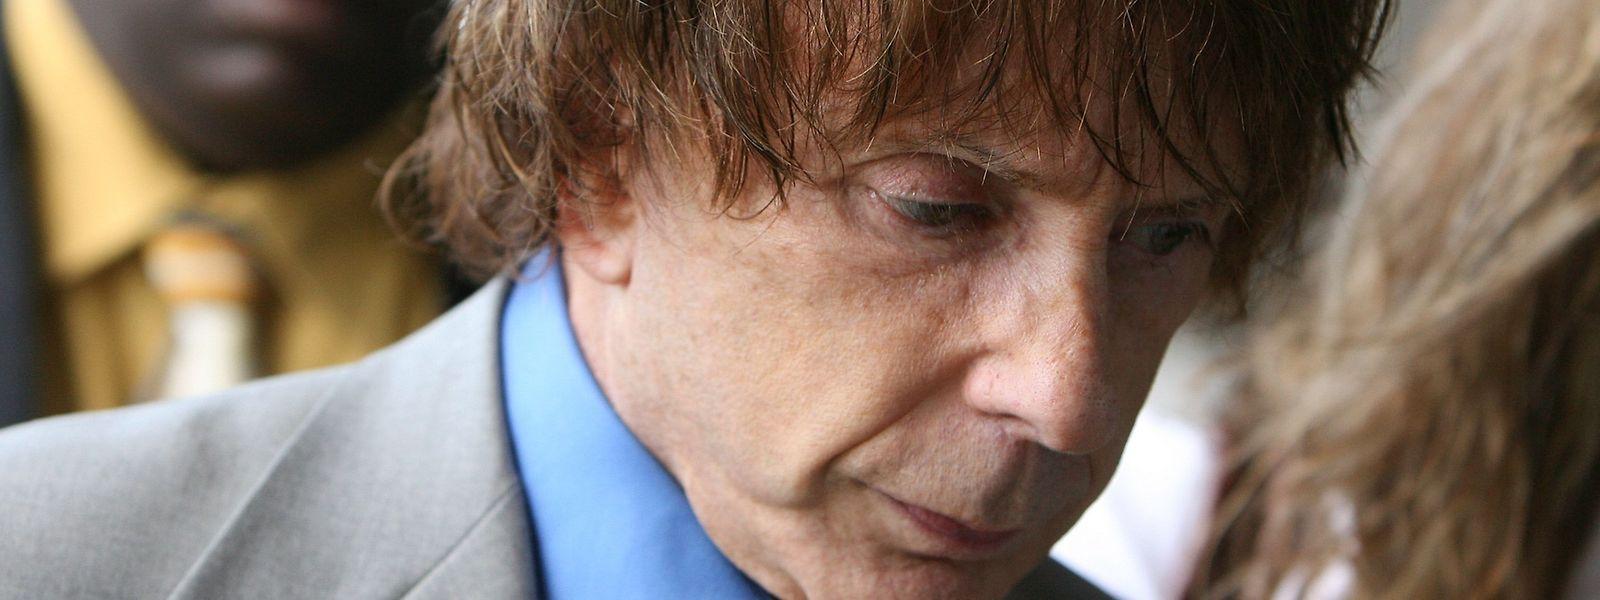 Der Musikproduzent Phil Spector 2007 bei seinem Mordprozess.